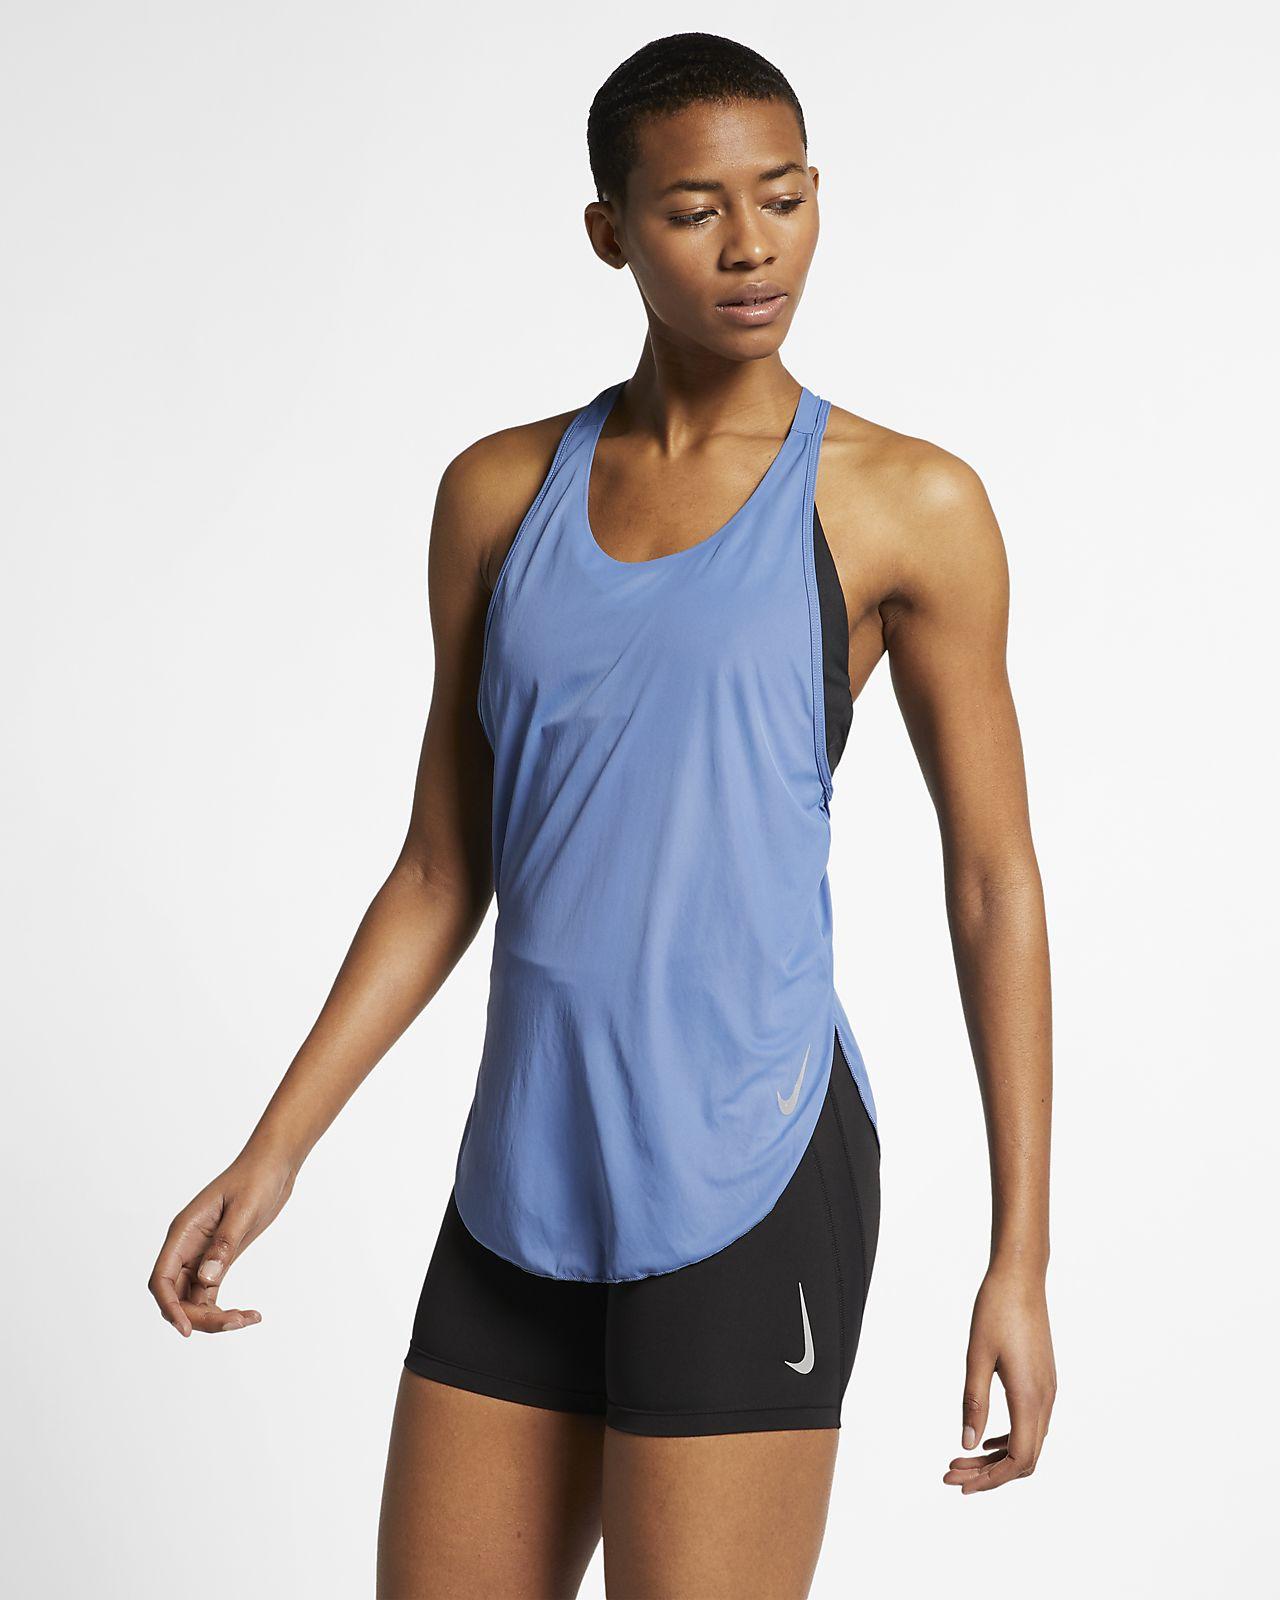 8a79d787d2f70 Nike City Sleek Women s Running Tank. Nike.com